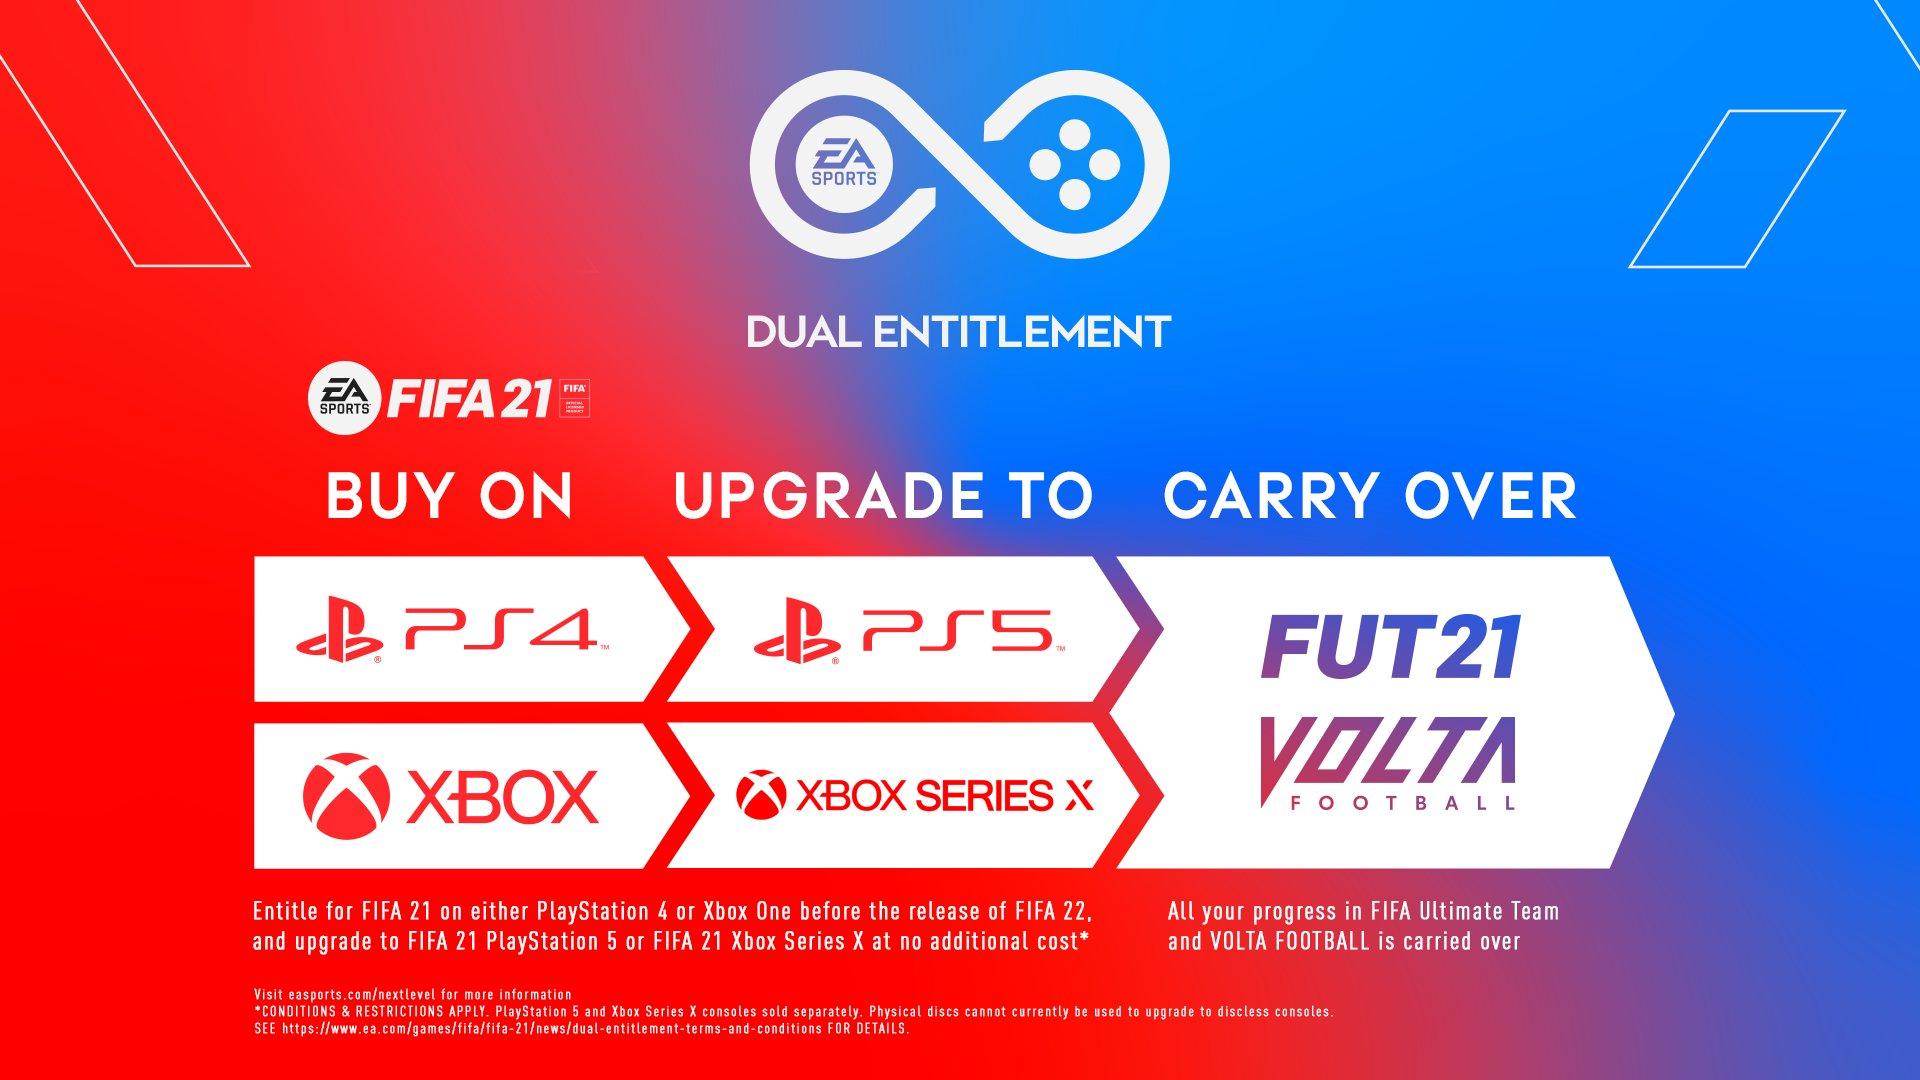 Fifa21: aggiornamento gratutito dalla versione PS4 a quella PS5!